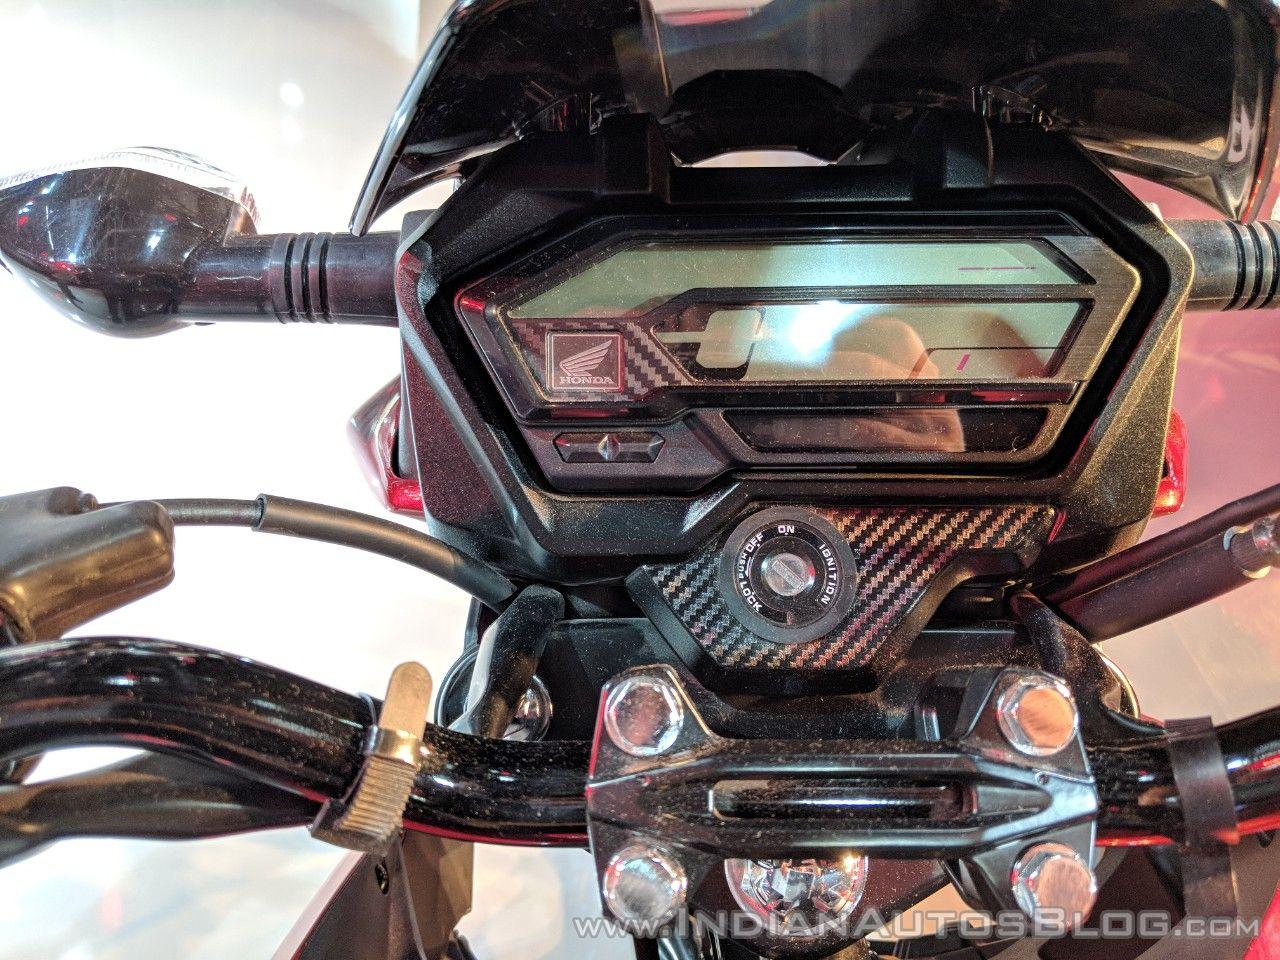 Ra-mat-nakedbike-Honda-X-Blade-gia-27-trieu-dong-anh-2